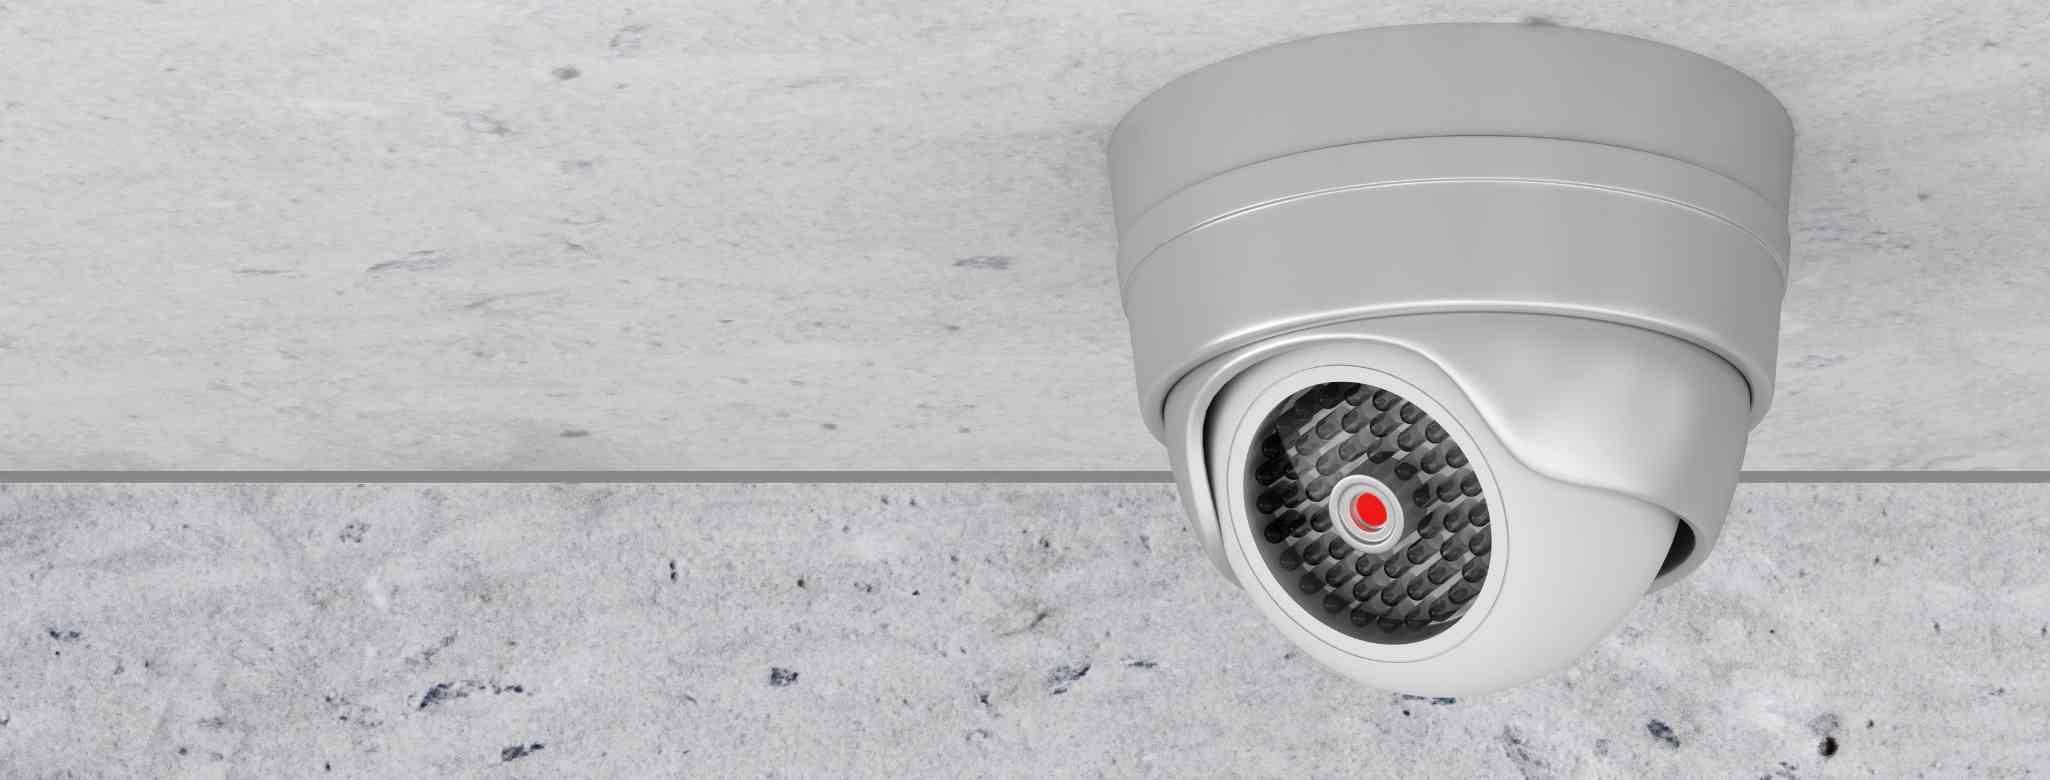 מצלמת IP לבניין